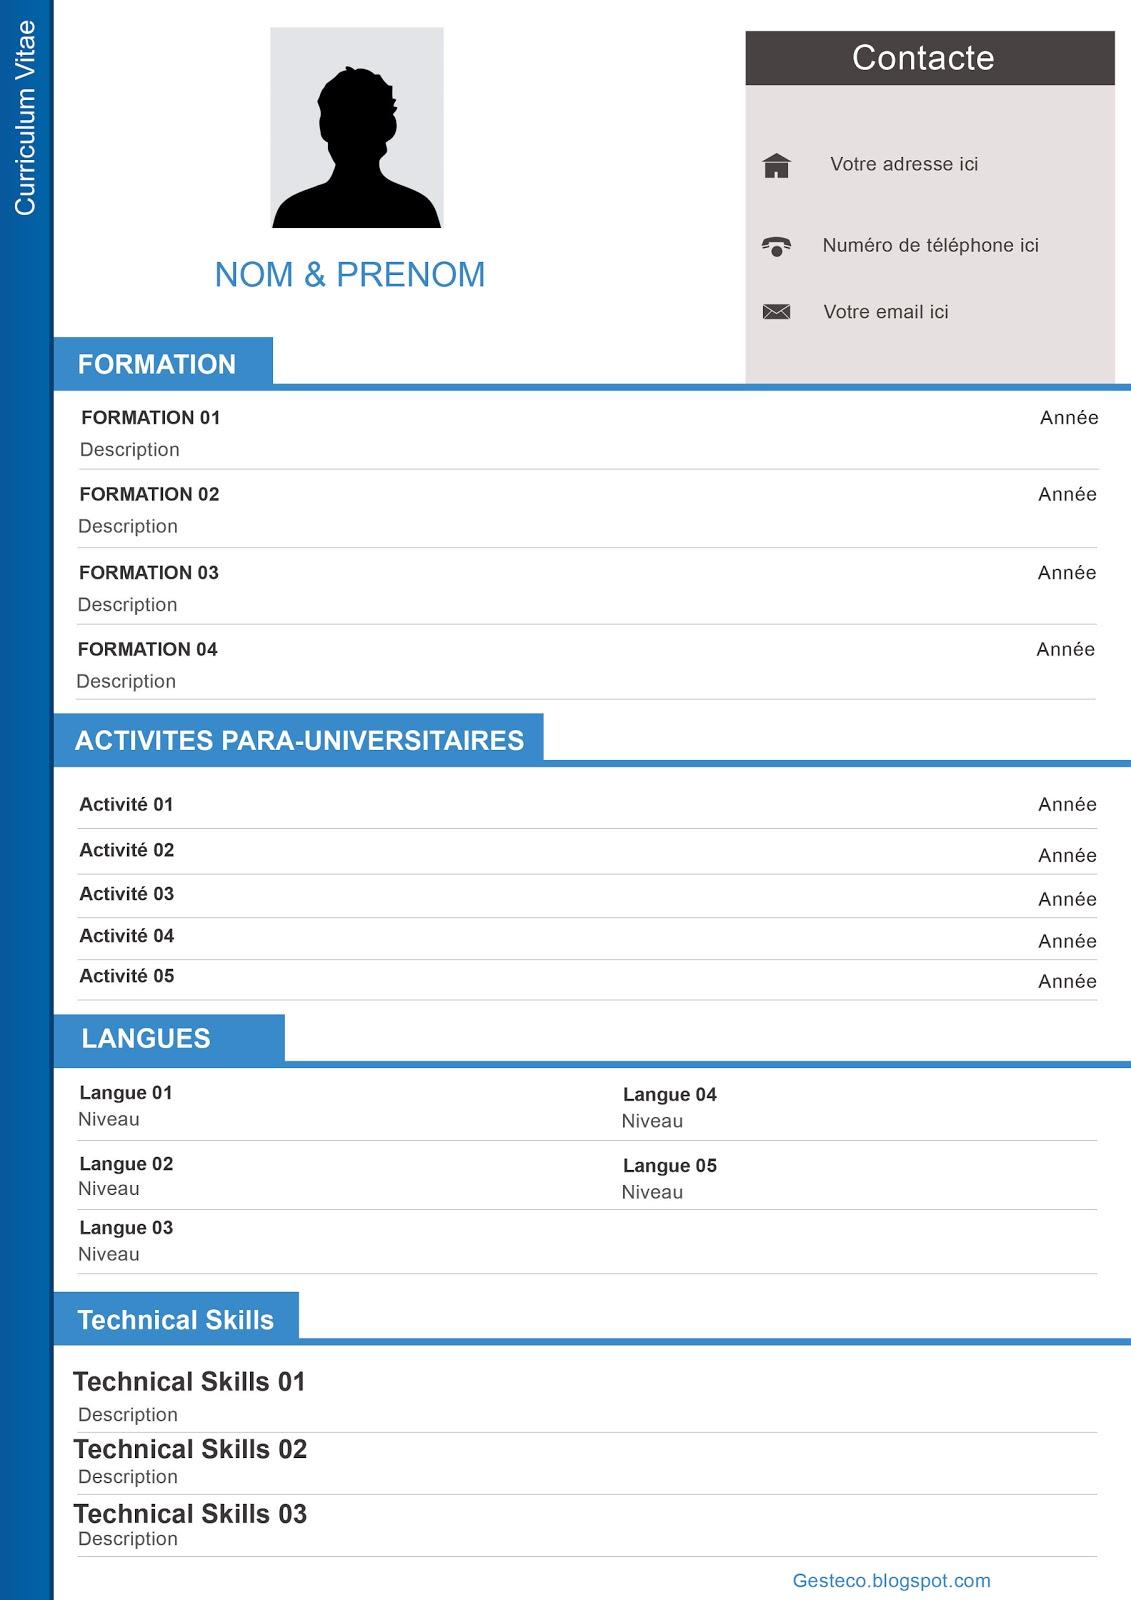 telecharger modele de cv gratuit